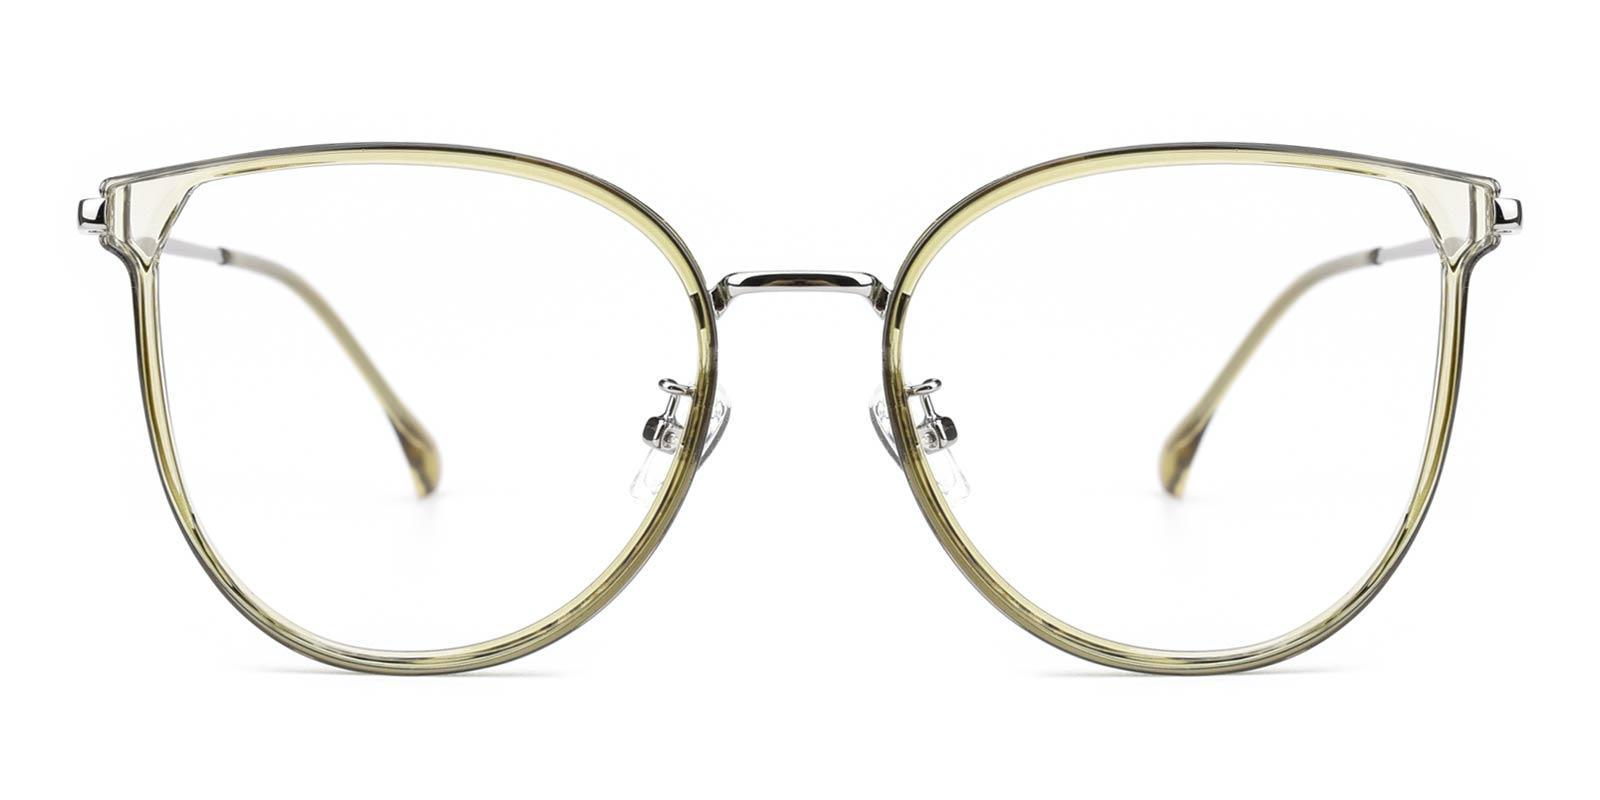 Moonlight-Green-Round-TR-Eyeglasses-detail